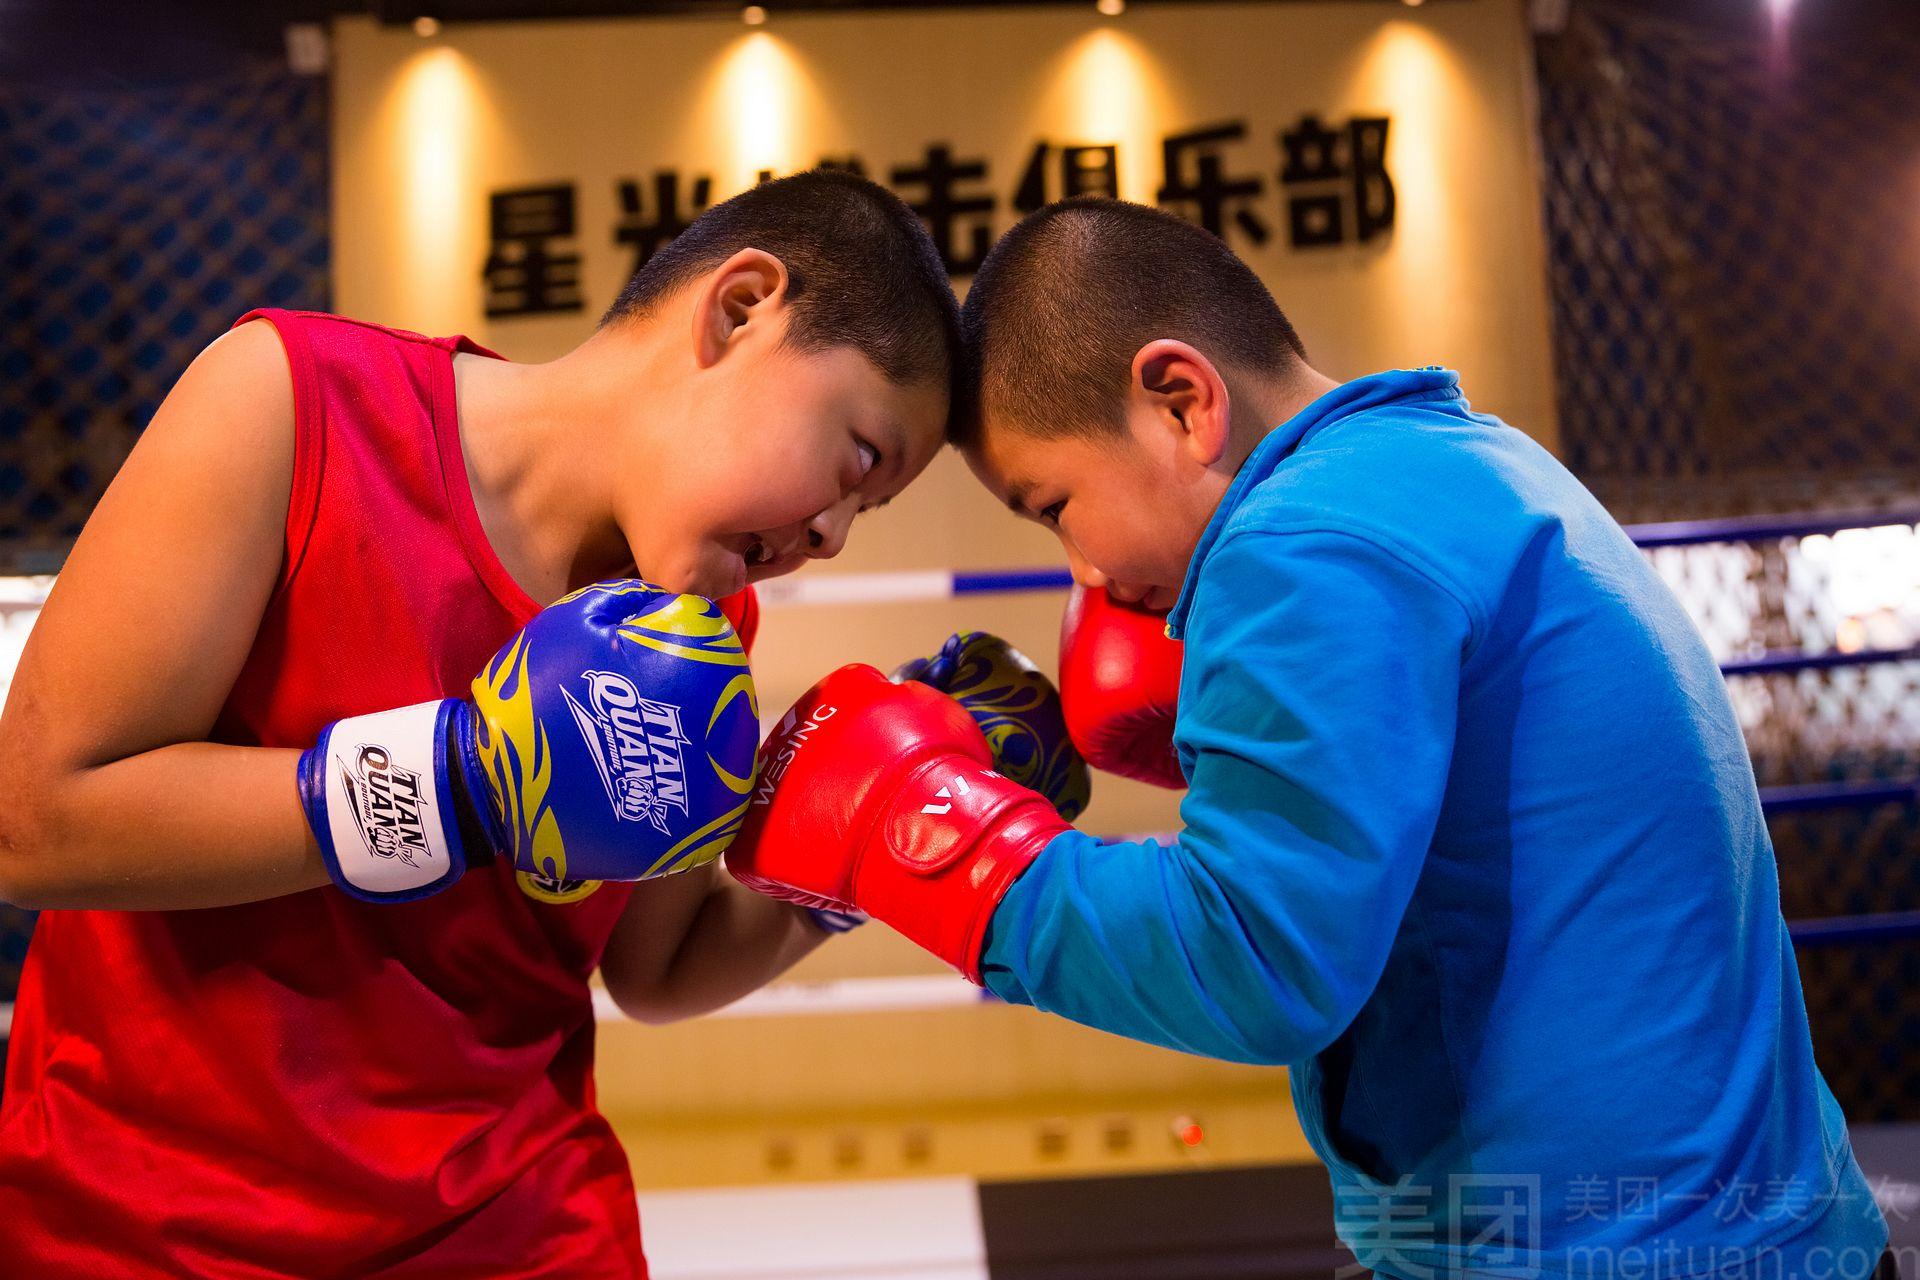 【星光搏击俱乐部】儿童散打/拳击/菲律宾棍体验课